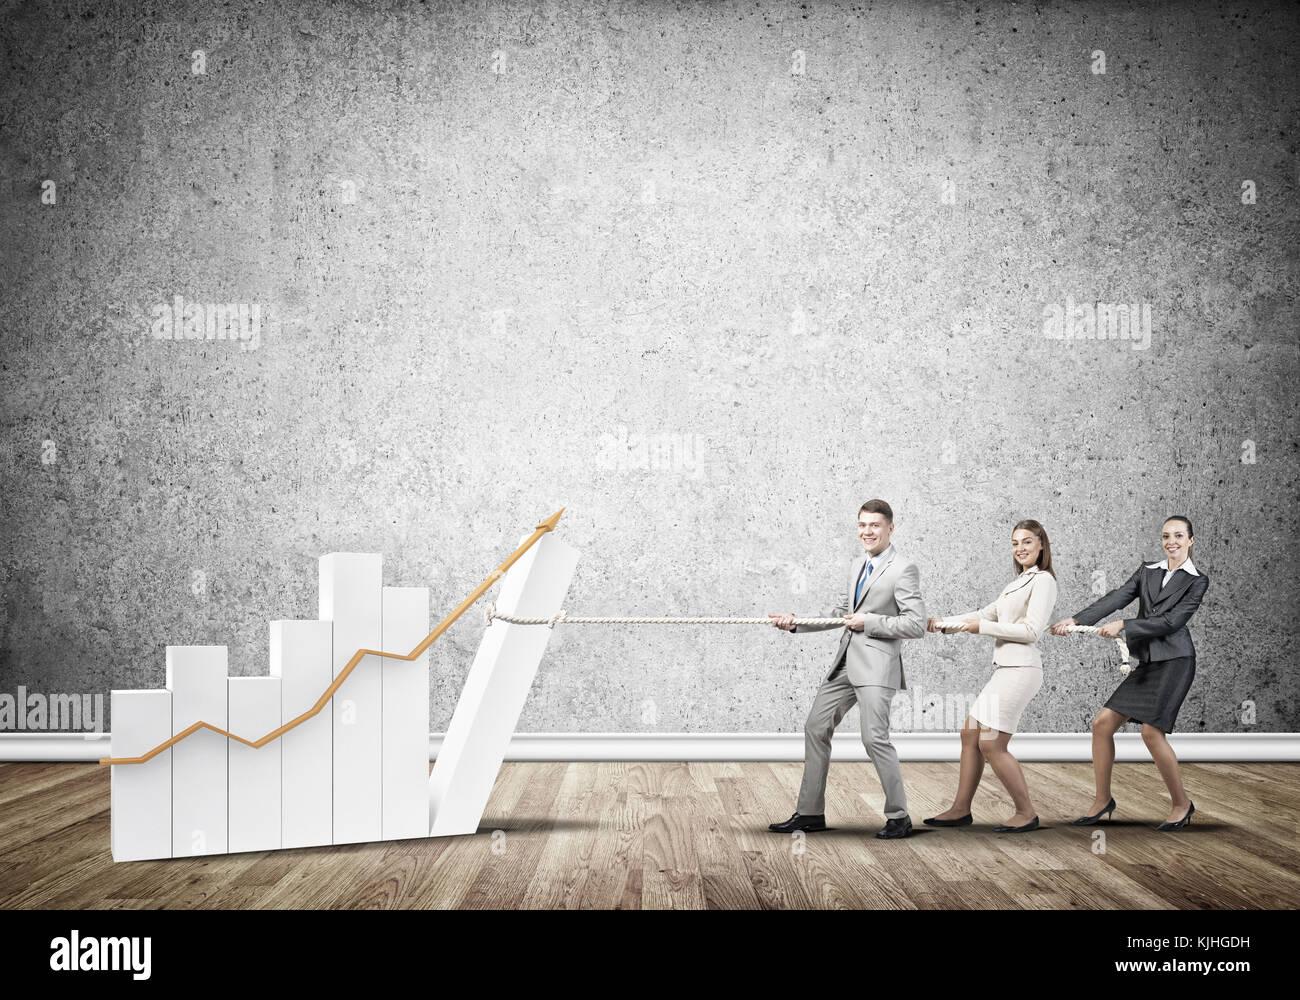 Businessteam in Zusammenarbeit ziehen Diagramm mit Seil als Symbol von Macht und Kontrolle arbeiten Stockbild